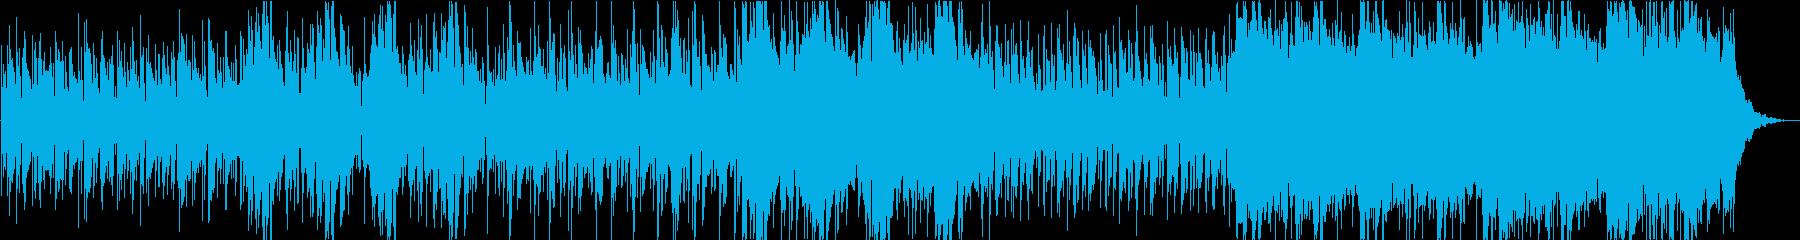 フォーク、ポップ、アンビエント、カ...の再生済みの波形